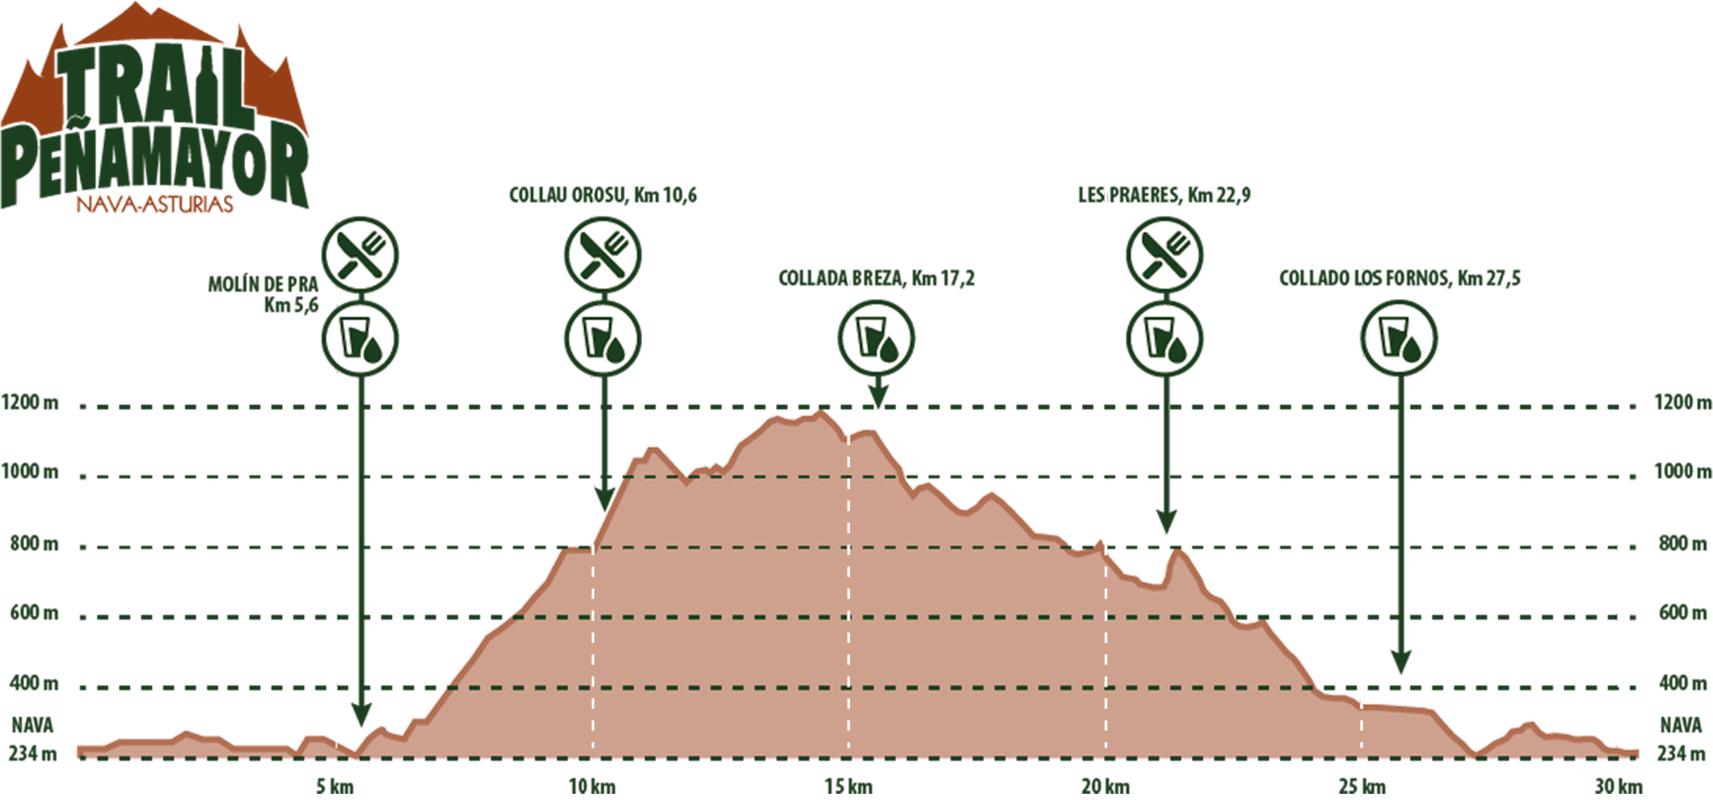 Trail de Peñamayor 2020: inscripciones abiertas